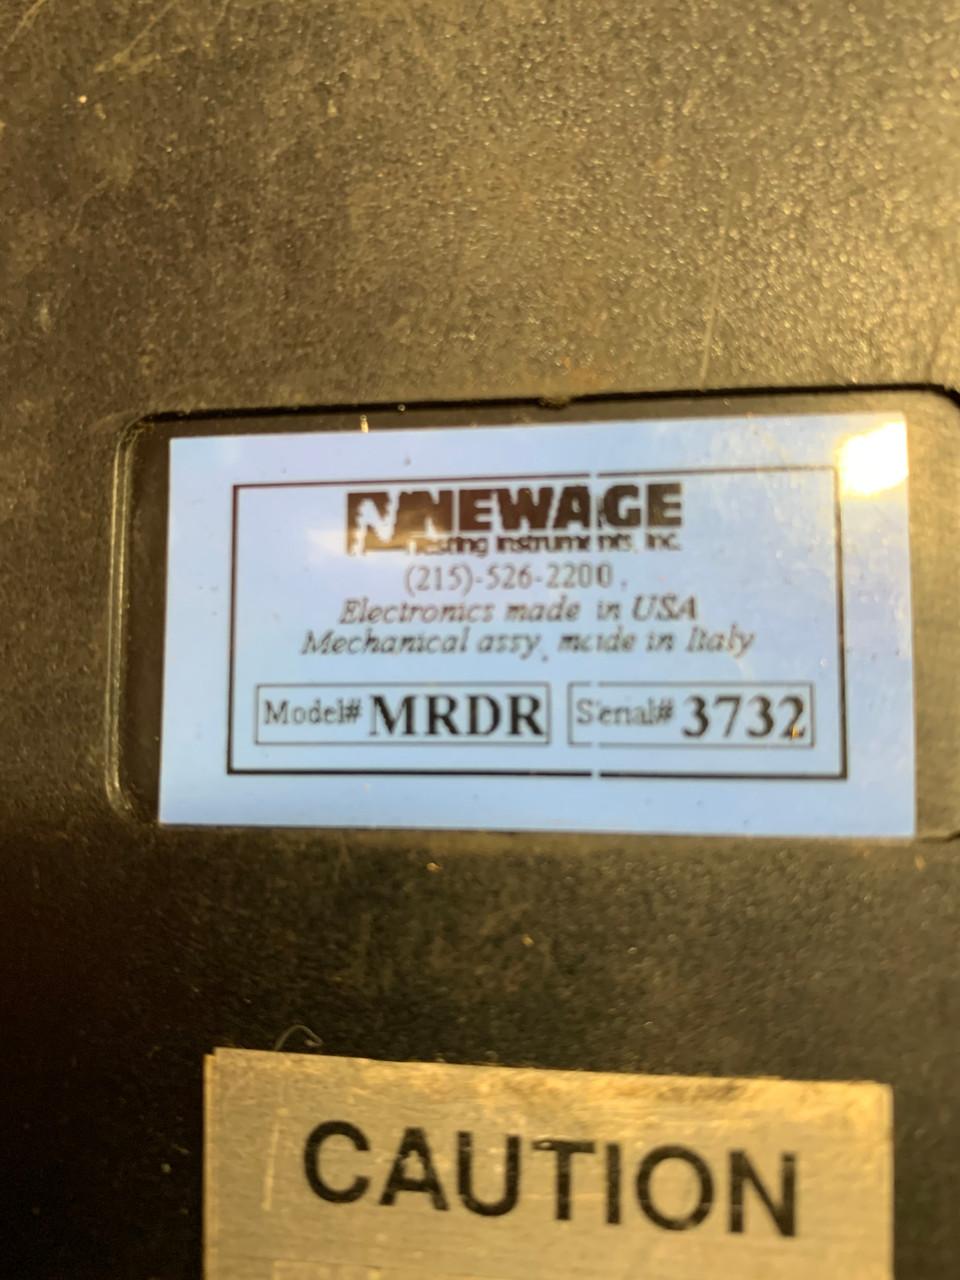 NEWAGE Rockmate Portable Hardness Tester Model MRDR